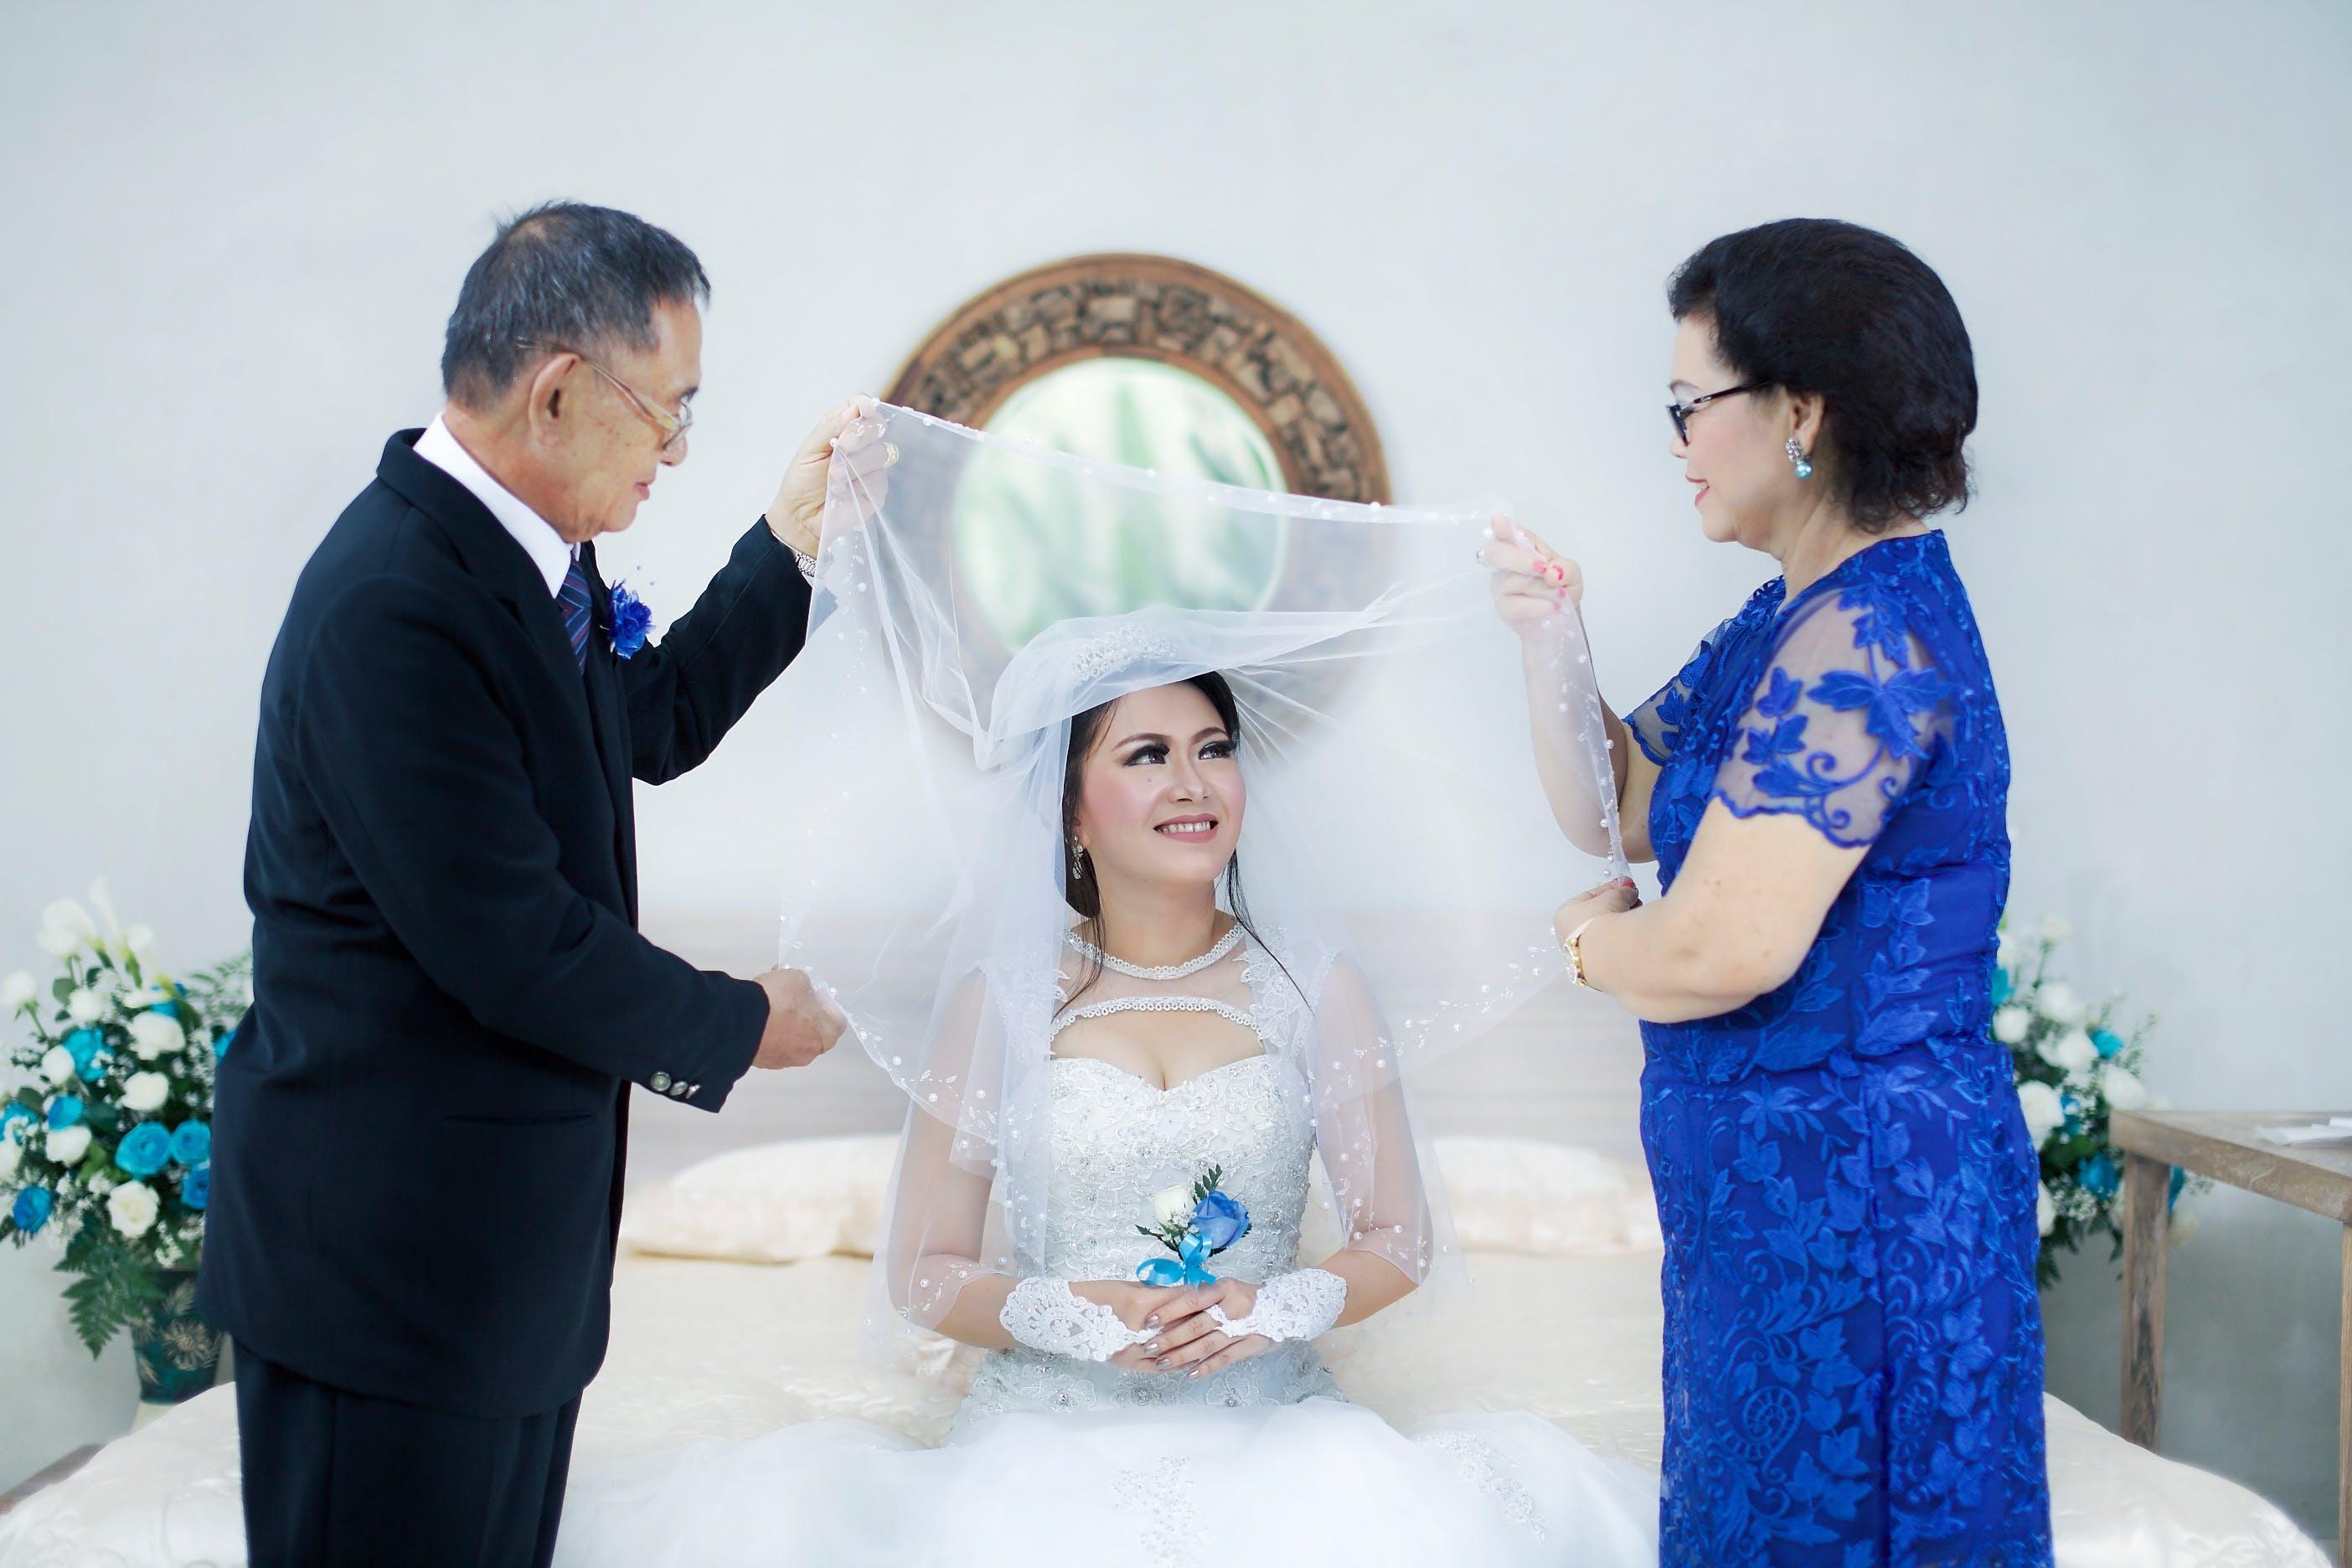 一對, 一起, 亞洲人, 亞洲夫婦 的 免費圖庫相片